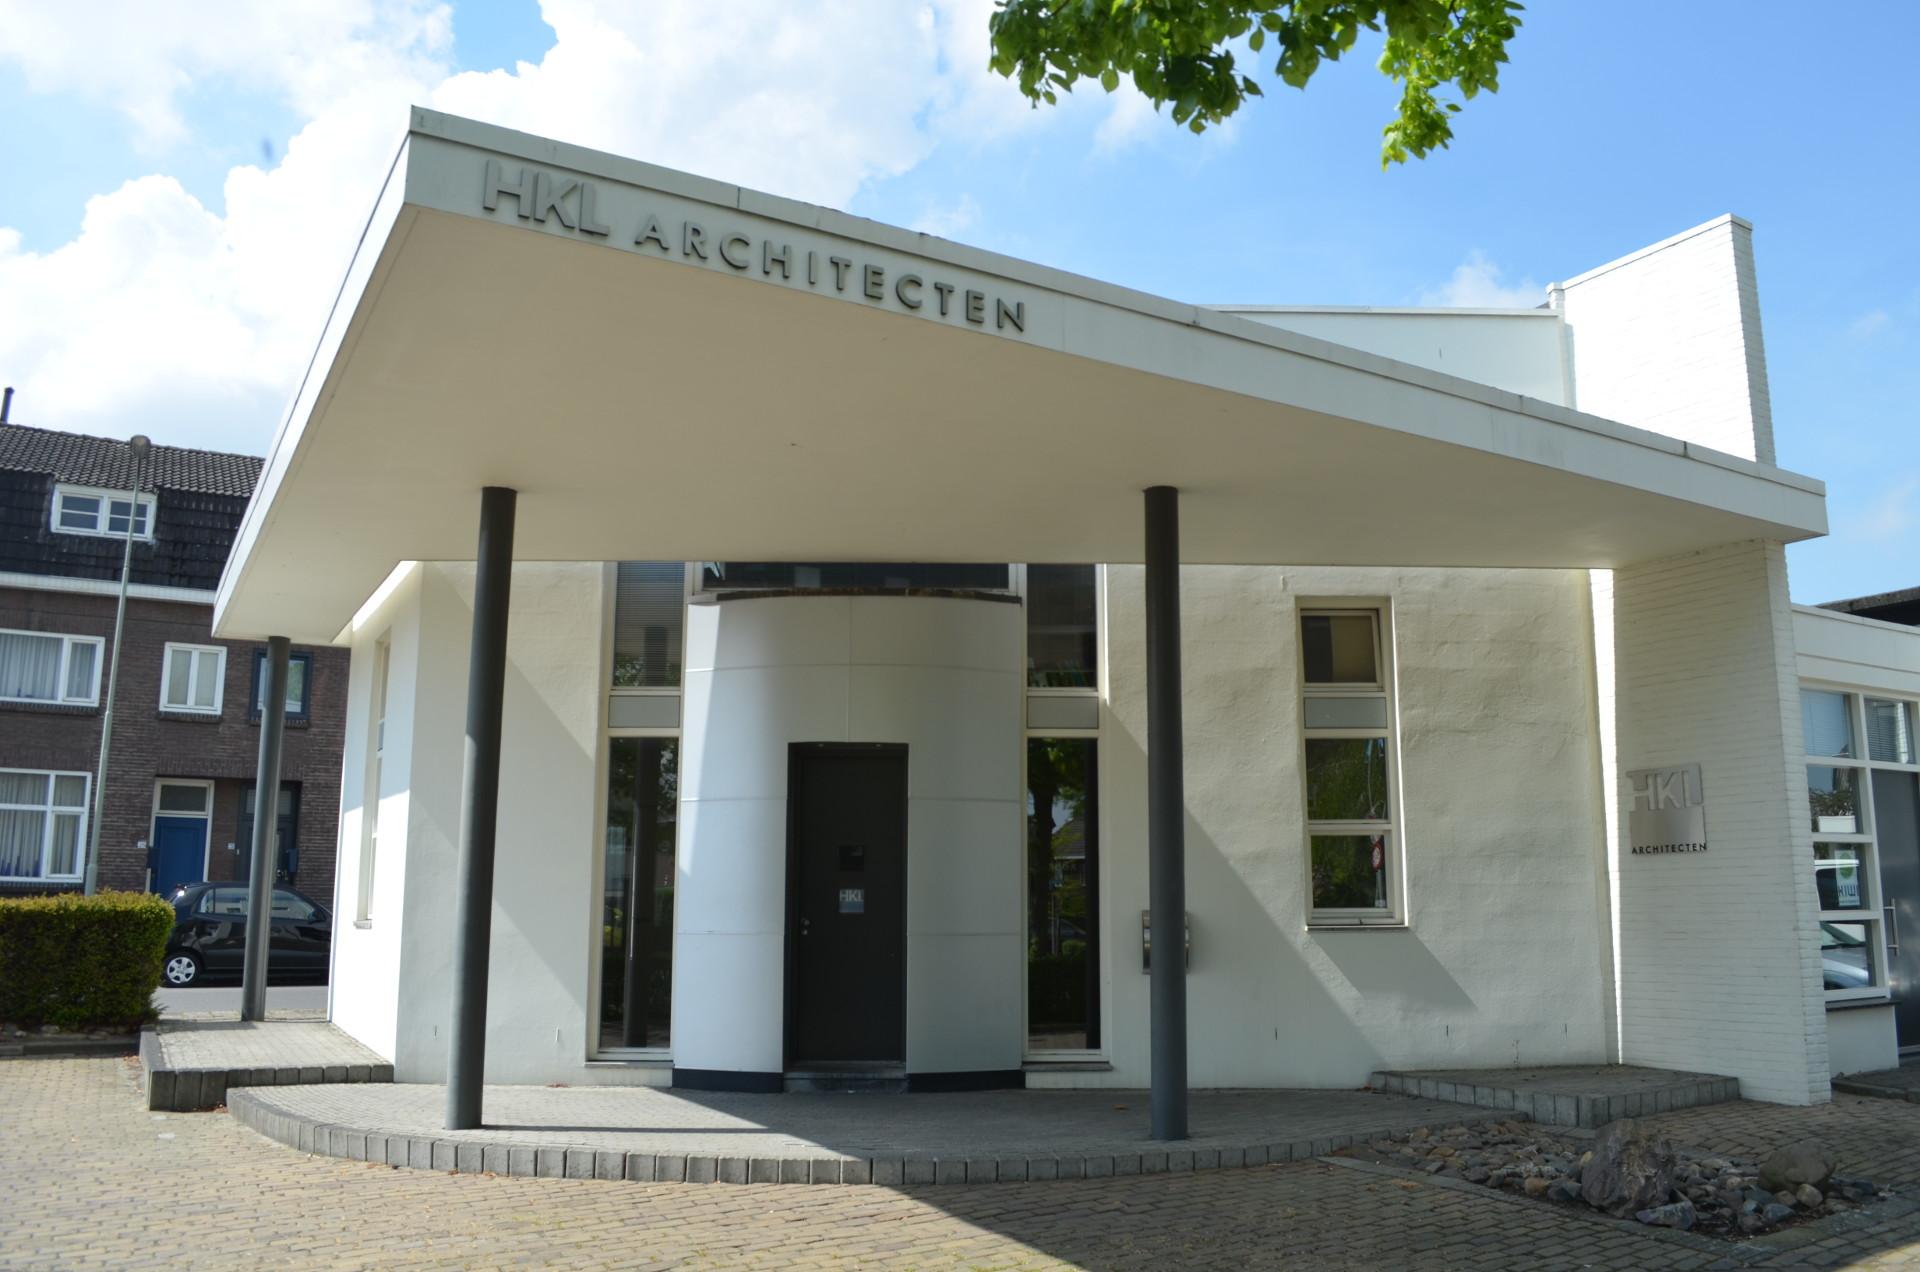 HKL Architecten